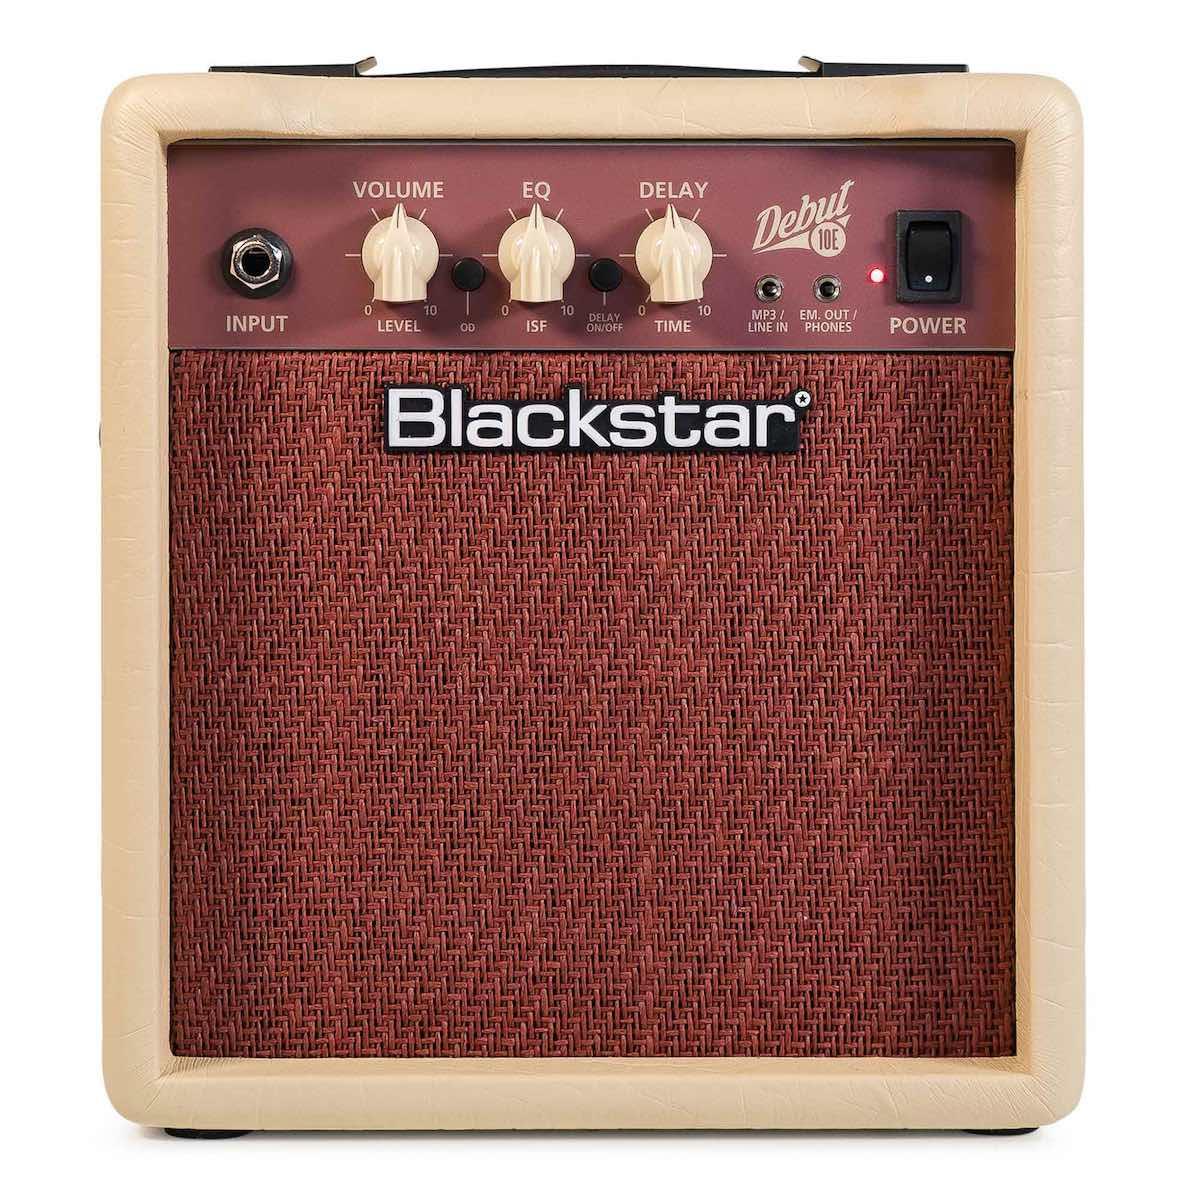 Blackstar Debut 10E practice amp watt combo mini guitar chitarra chitarra elettrica adagio strumenti musicali